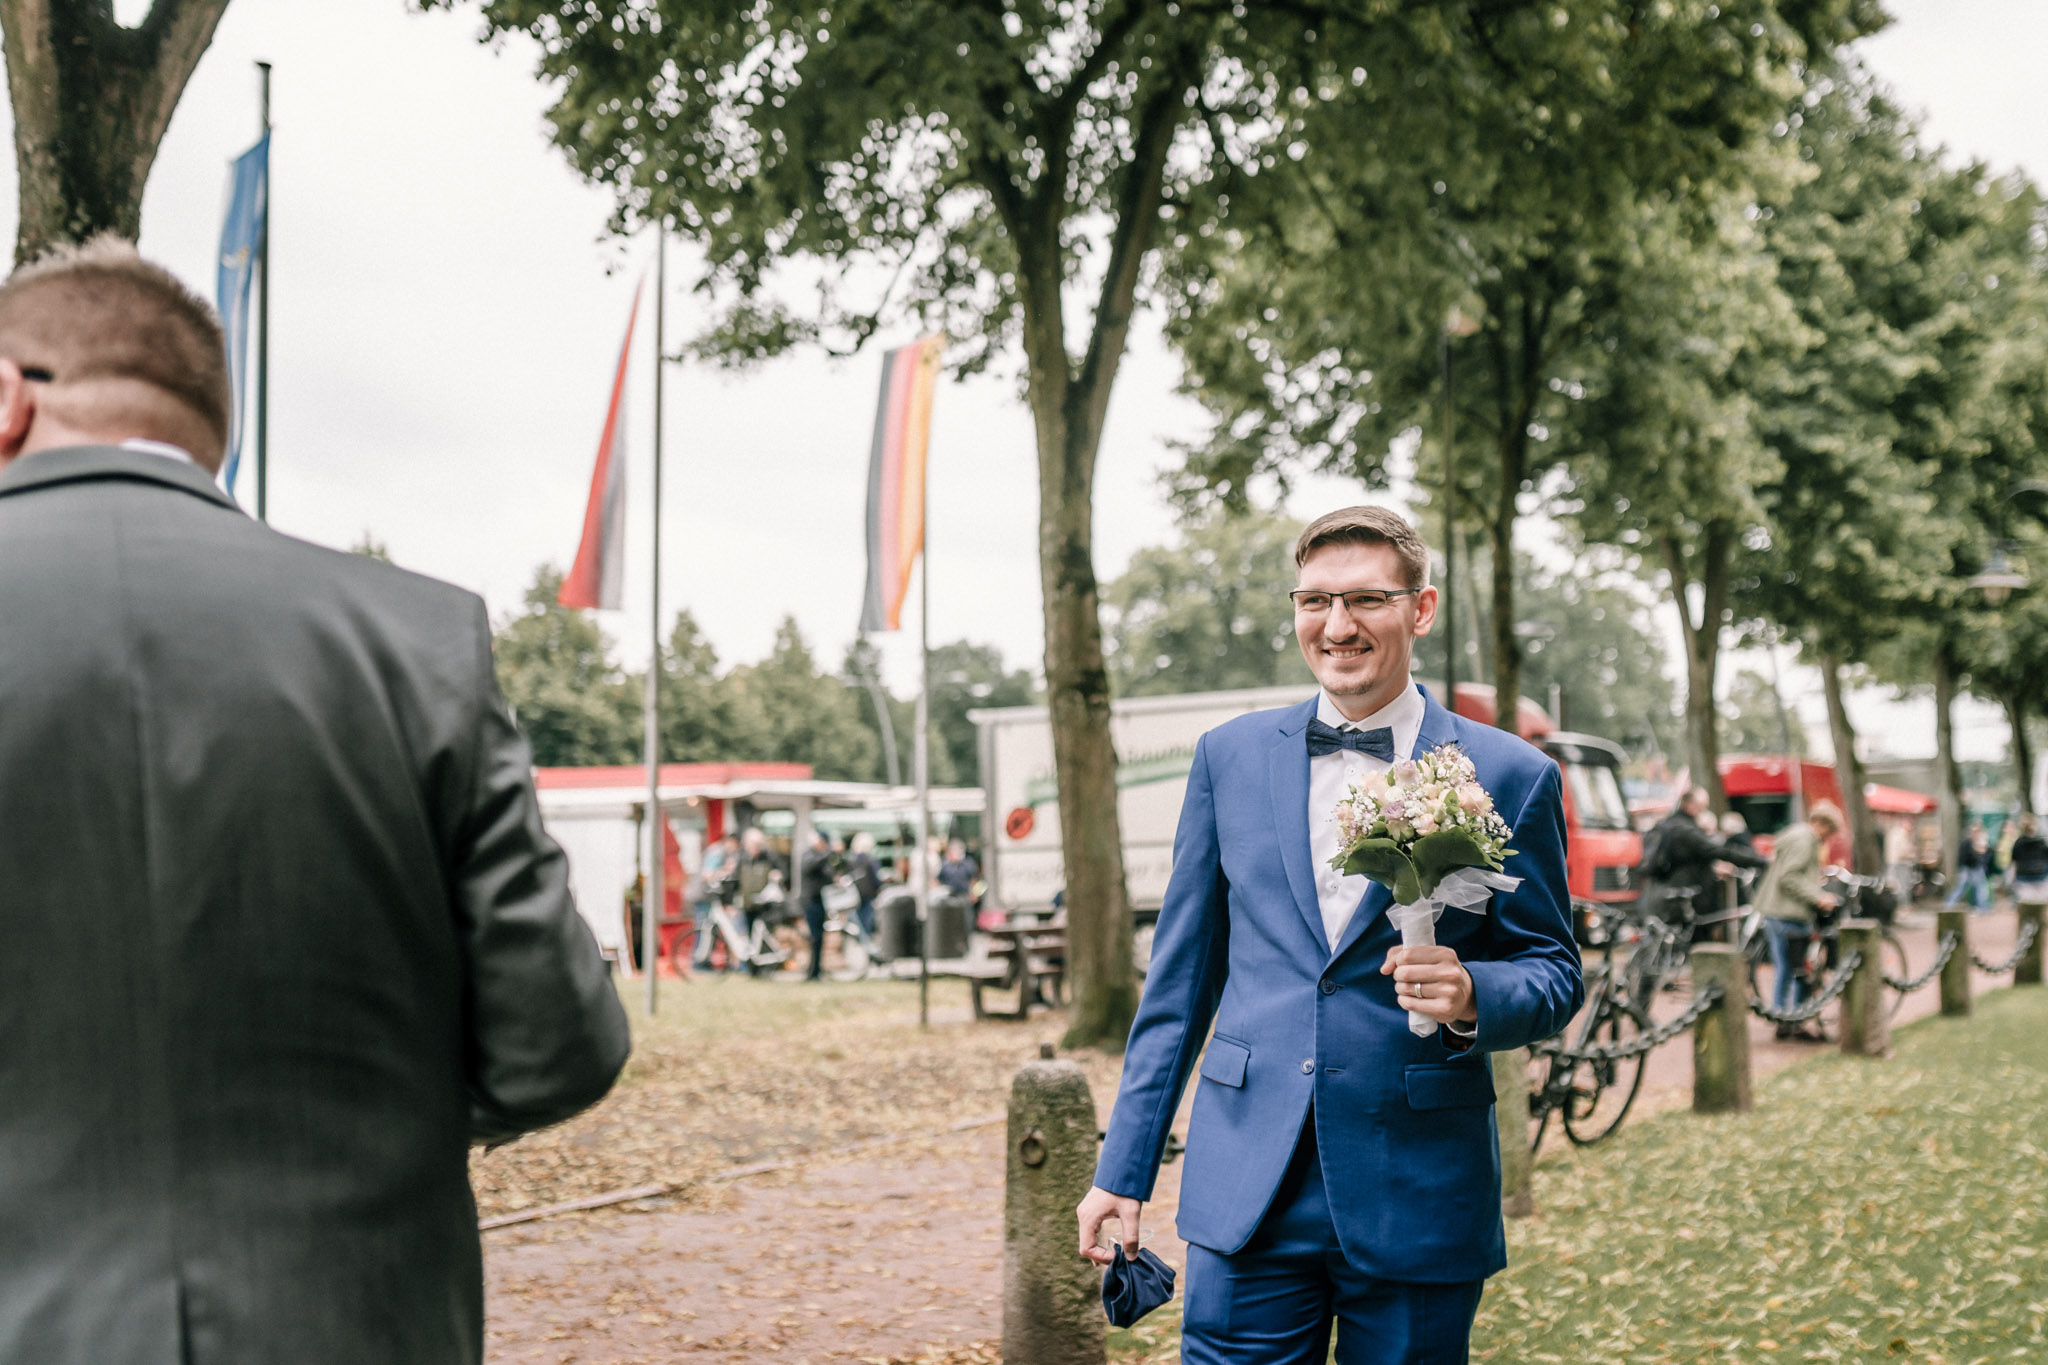 Hochzeitsfieber by Photo-Schomburg, Sven Schomburg Hochzeitsfotografie, Hochzeitsfotograf, Bad Bramstedt, Hamburg, Schleswig-Hostein-2